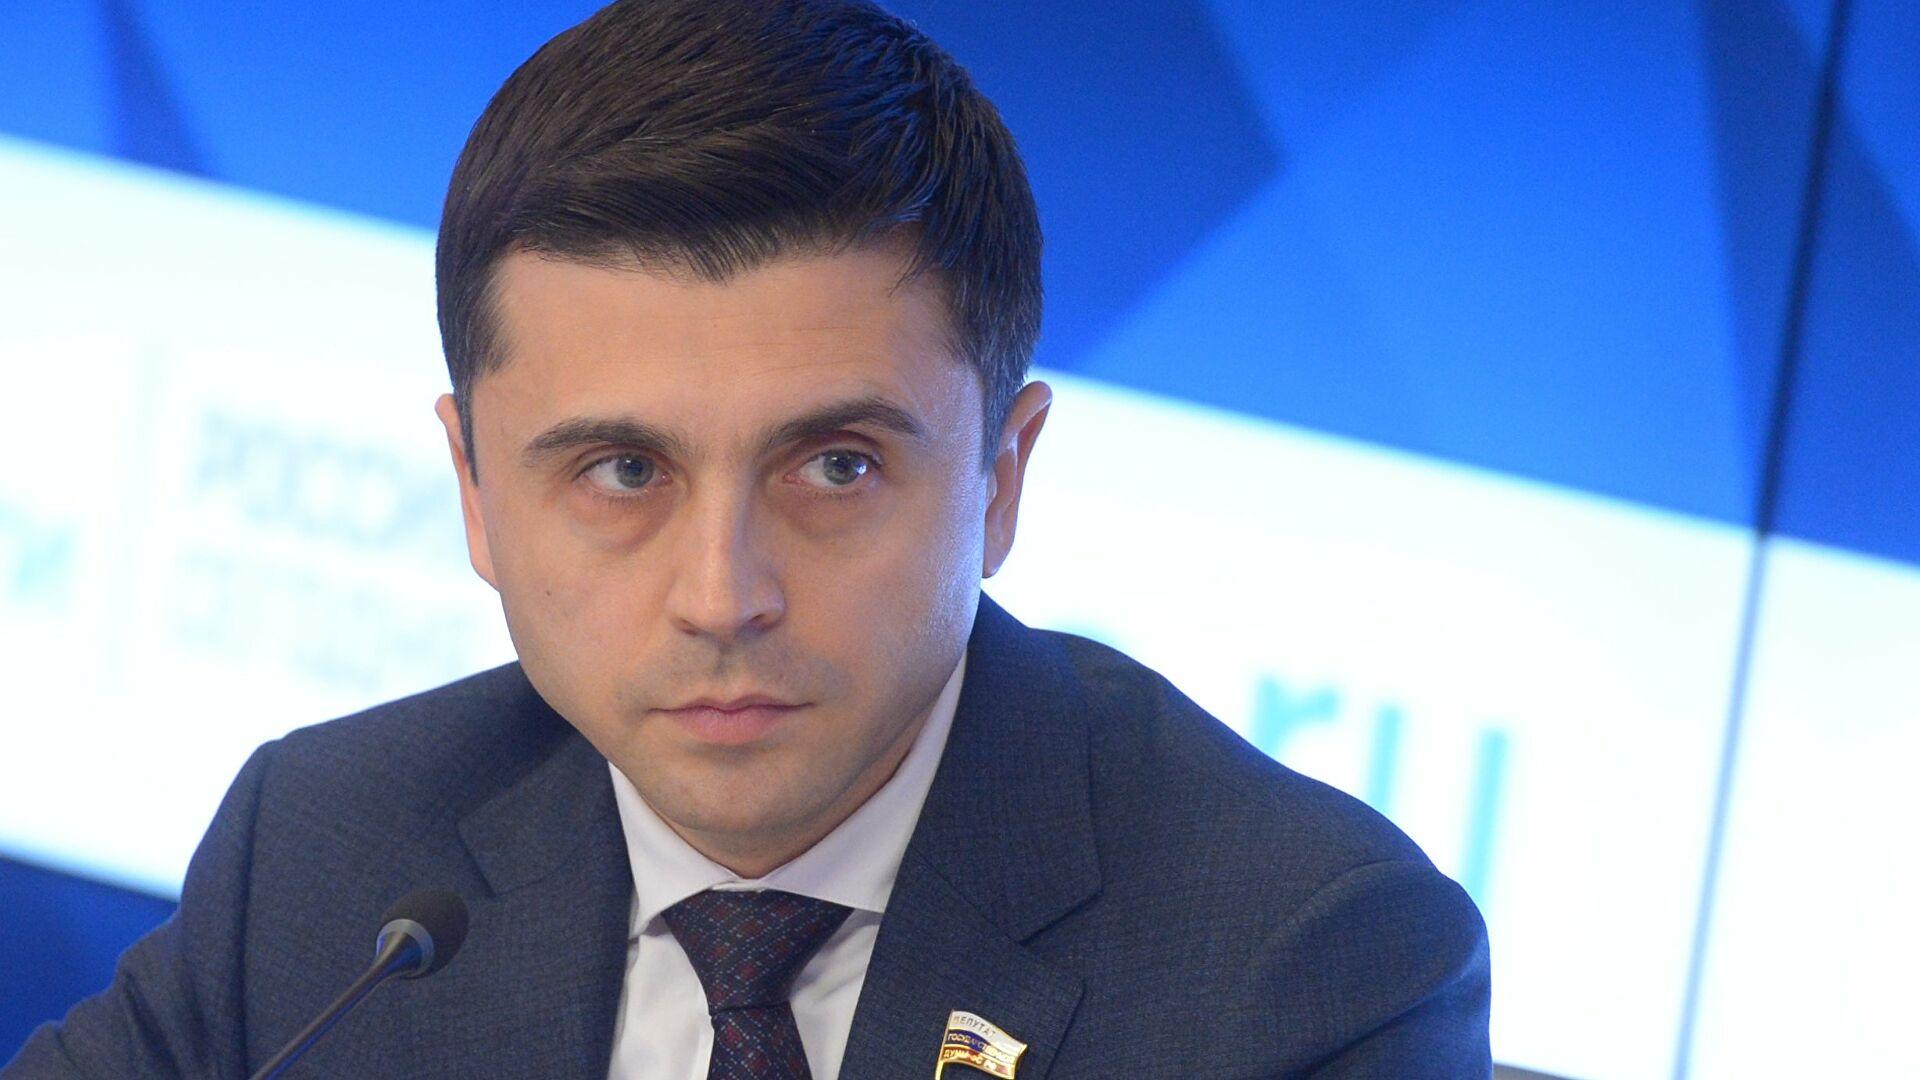 Госдума отреагировала на заявление Украины о невыполнении Минских договоренностей